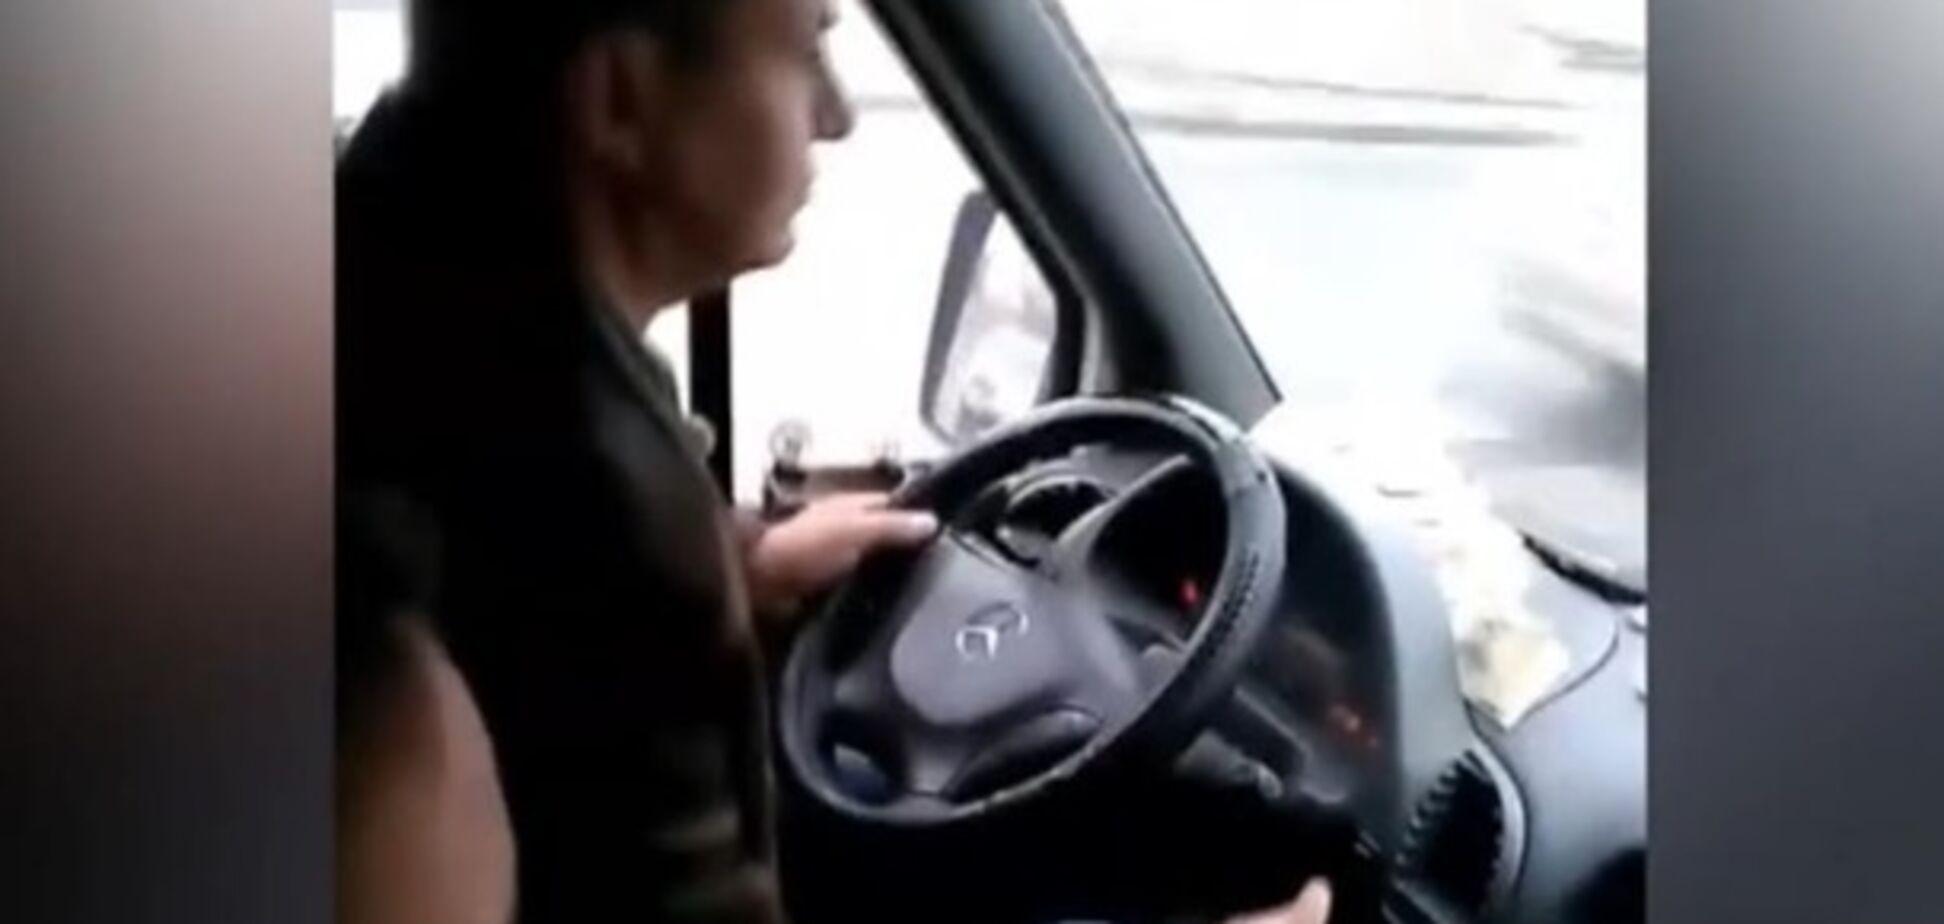 ''Дати в око по пару разів'': водій маршрутки, який грав на планшеті, обурив мережу